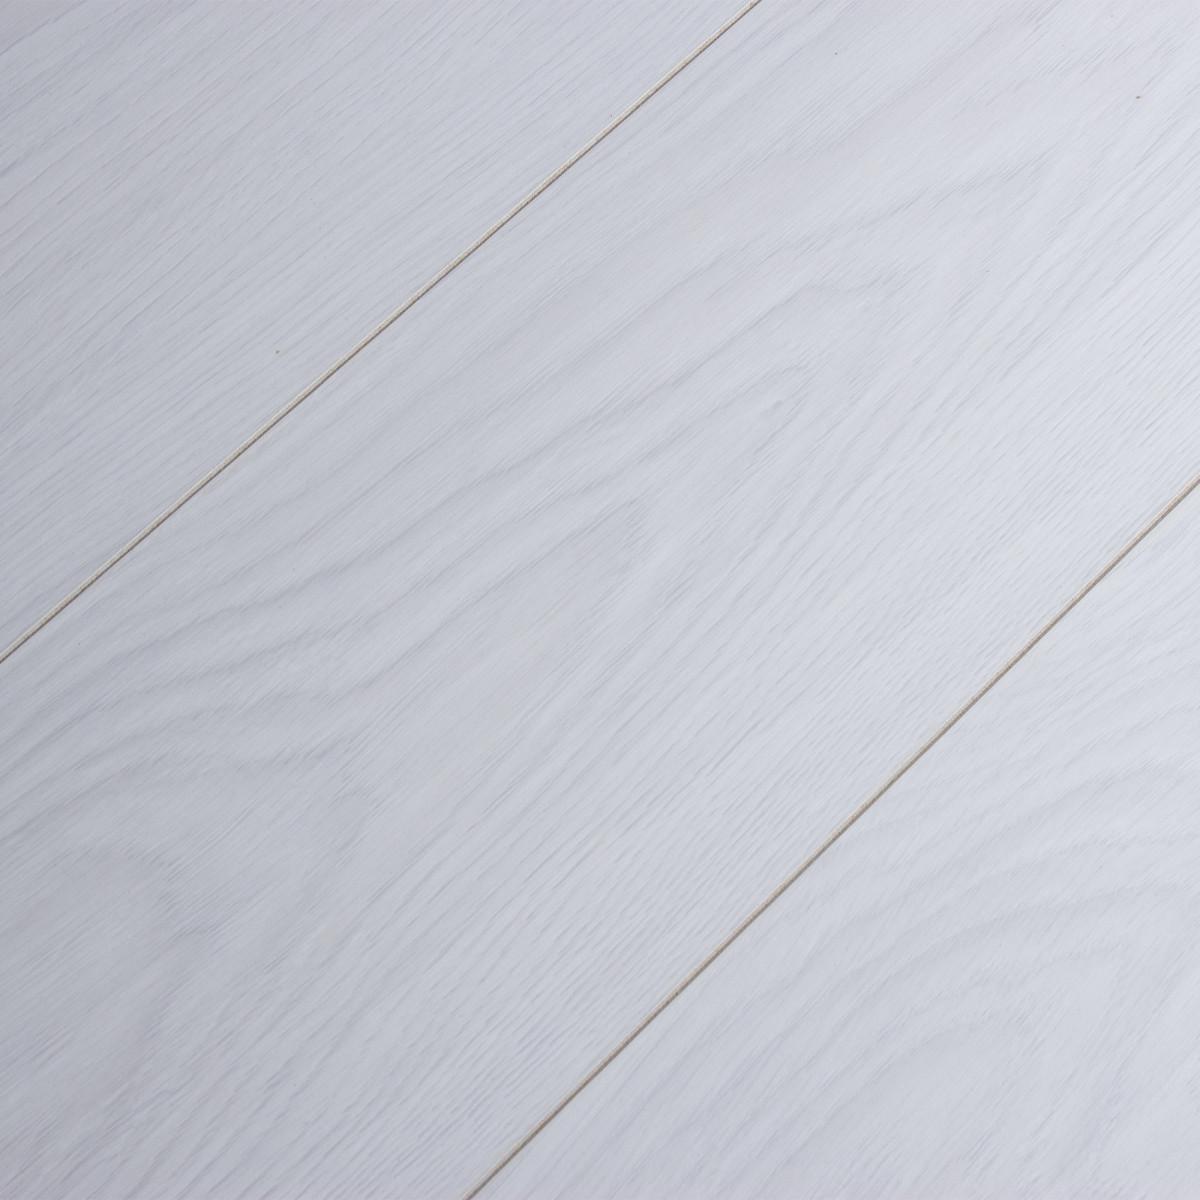 Ламинат Дуб Белоснежный 10 мм (176 м2) 33 класс